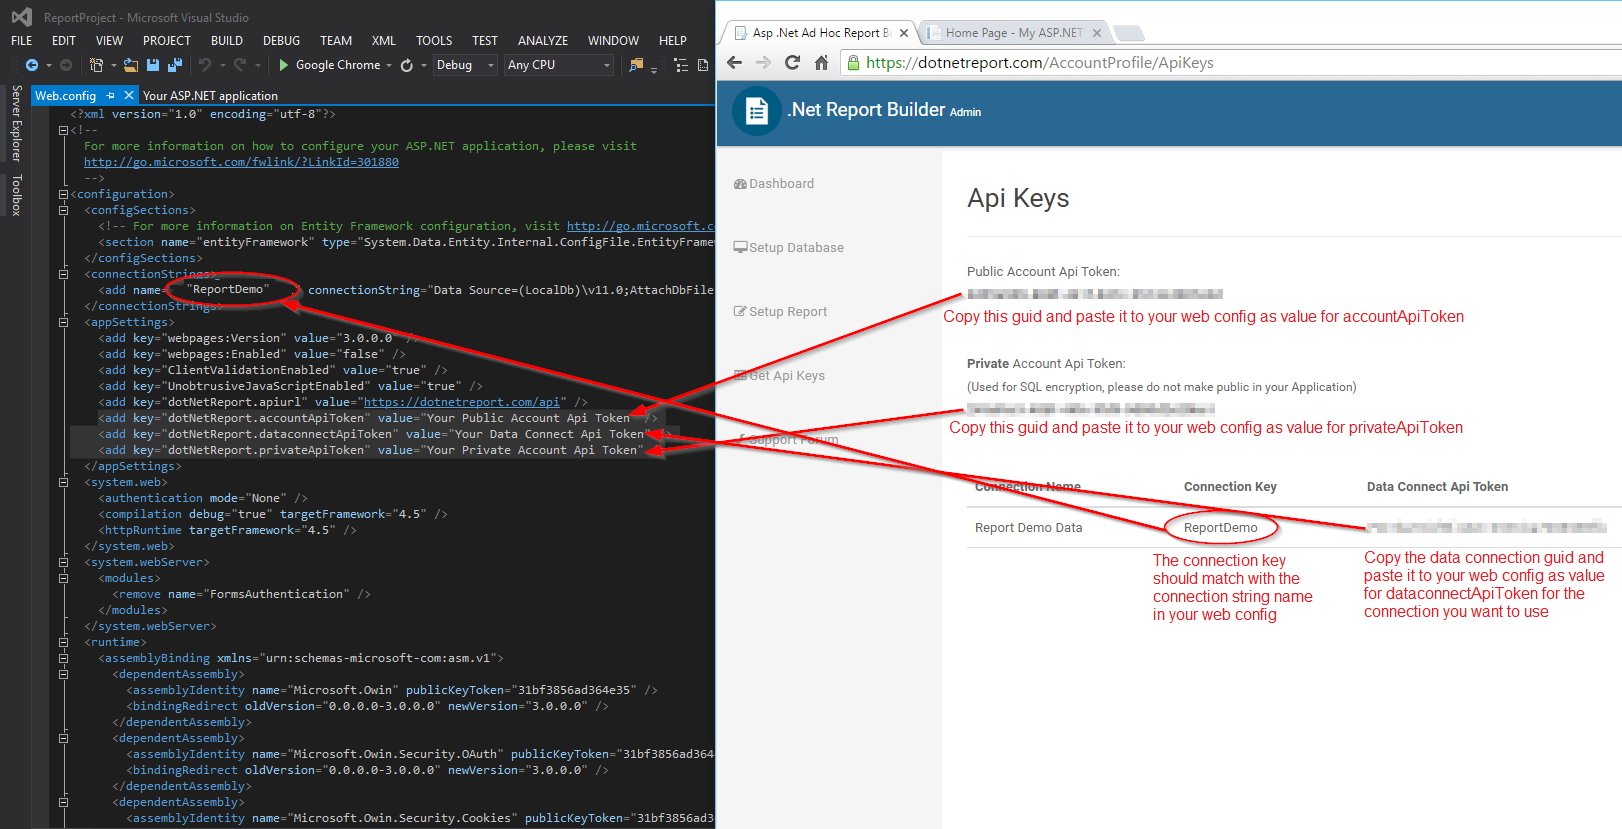 Tutorial – How to Setup .Net Report Builder